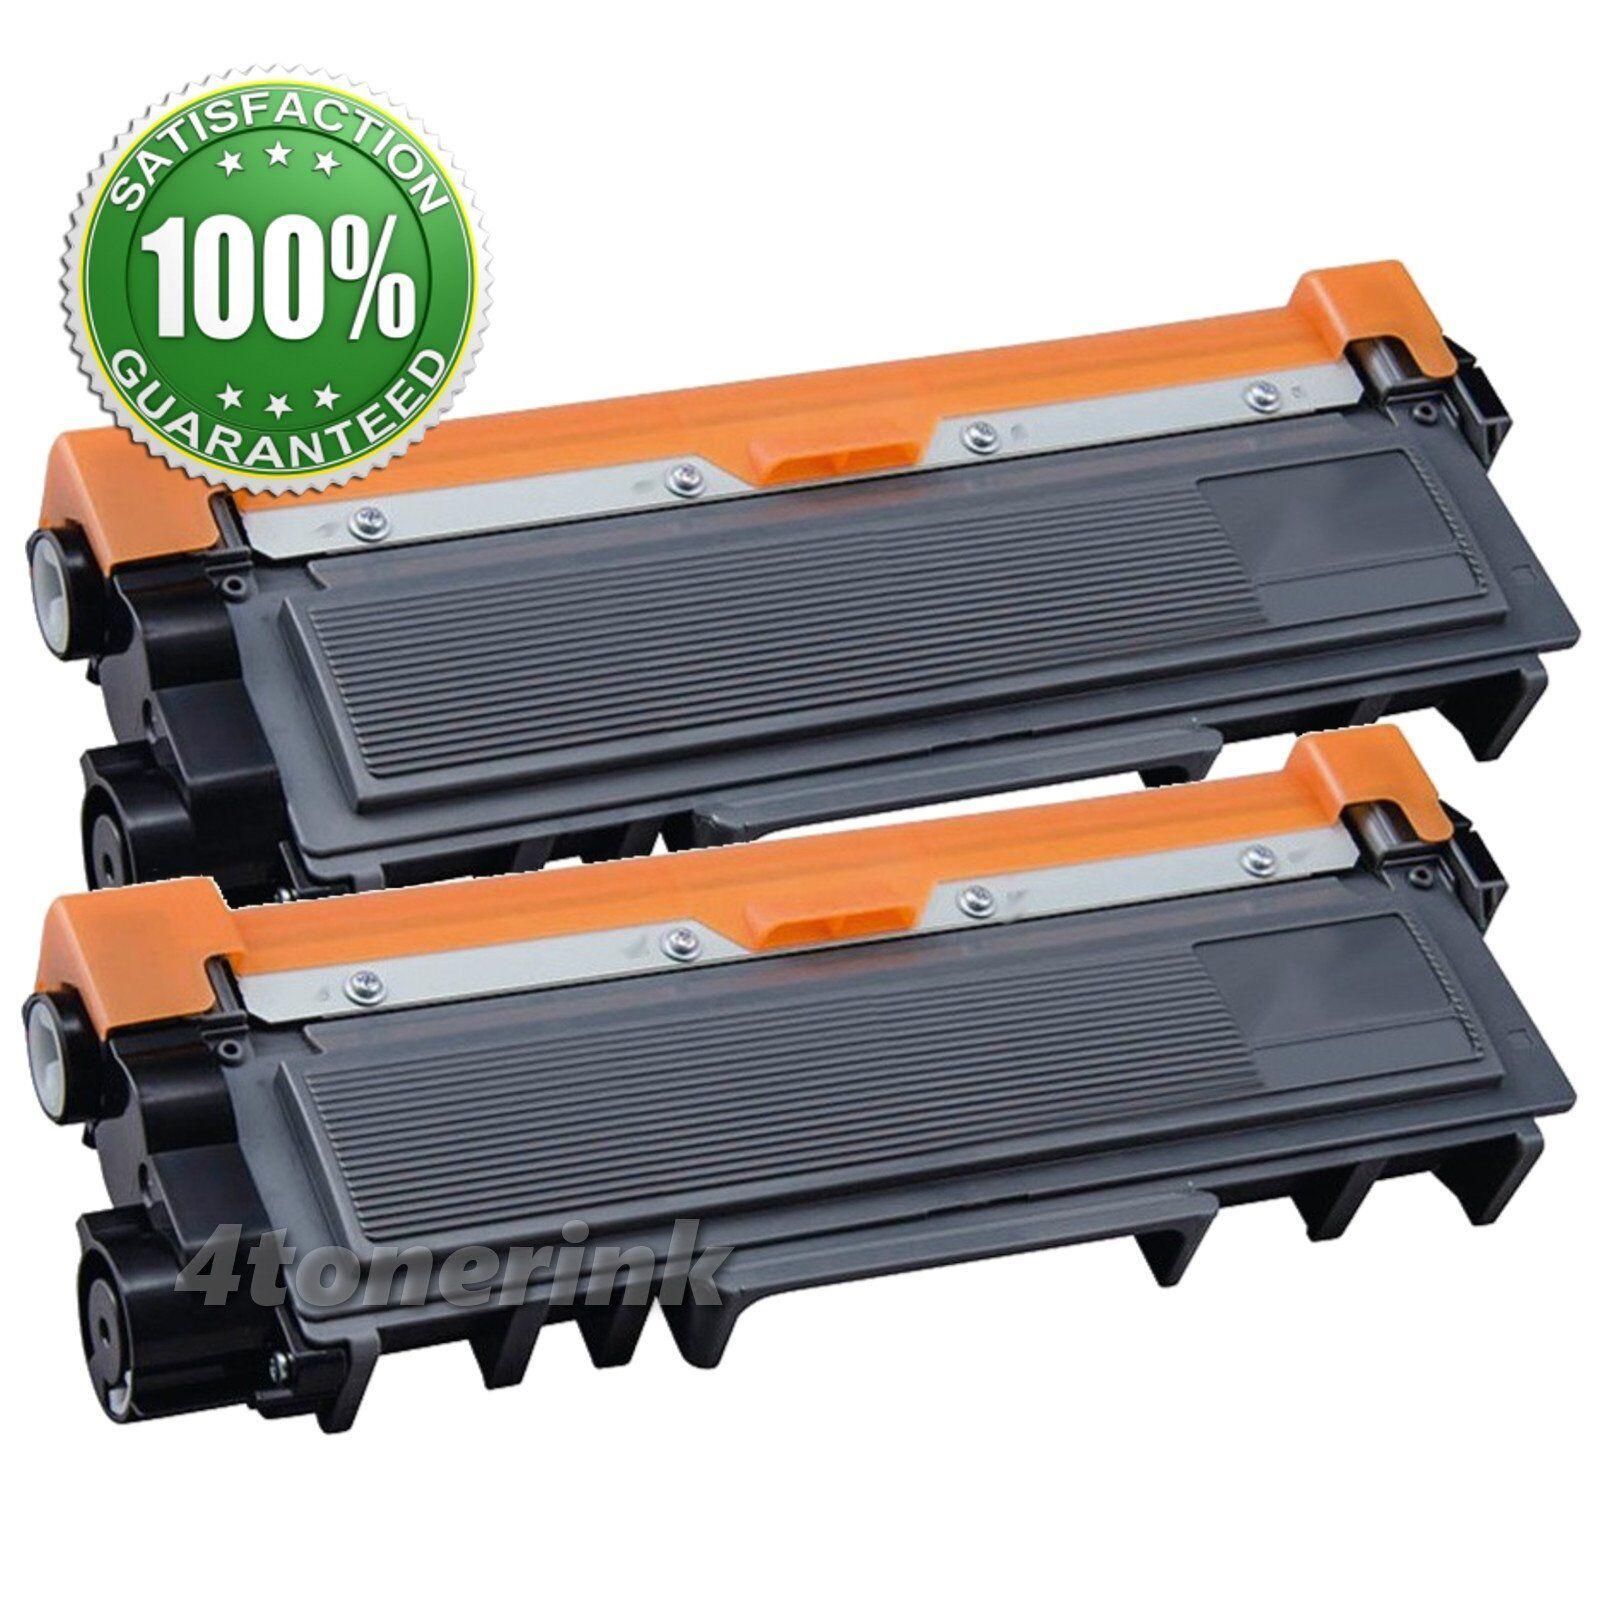 10PK TN660 Black Toner Cartridge For Brother MFC-L2680W L2700DW L2705DW L2720DW